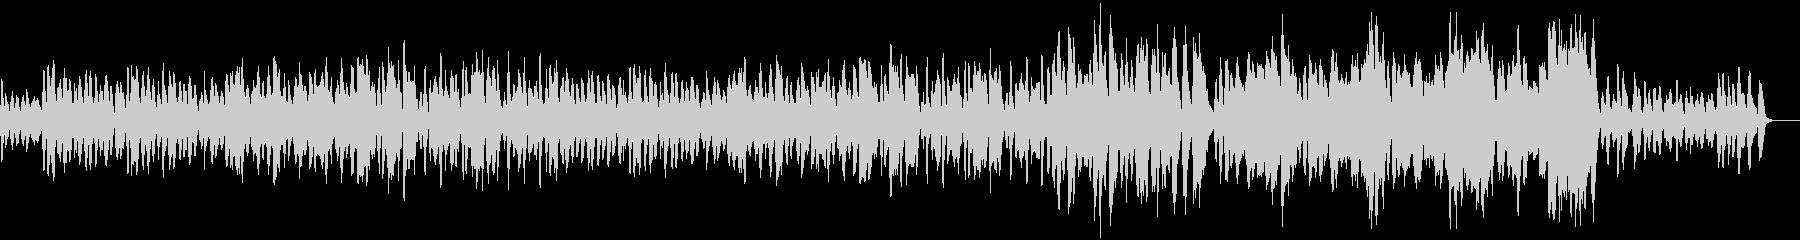 コミカルな管弦楽隊のBGMの未再生の波形